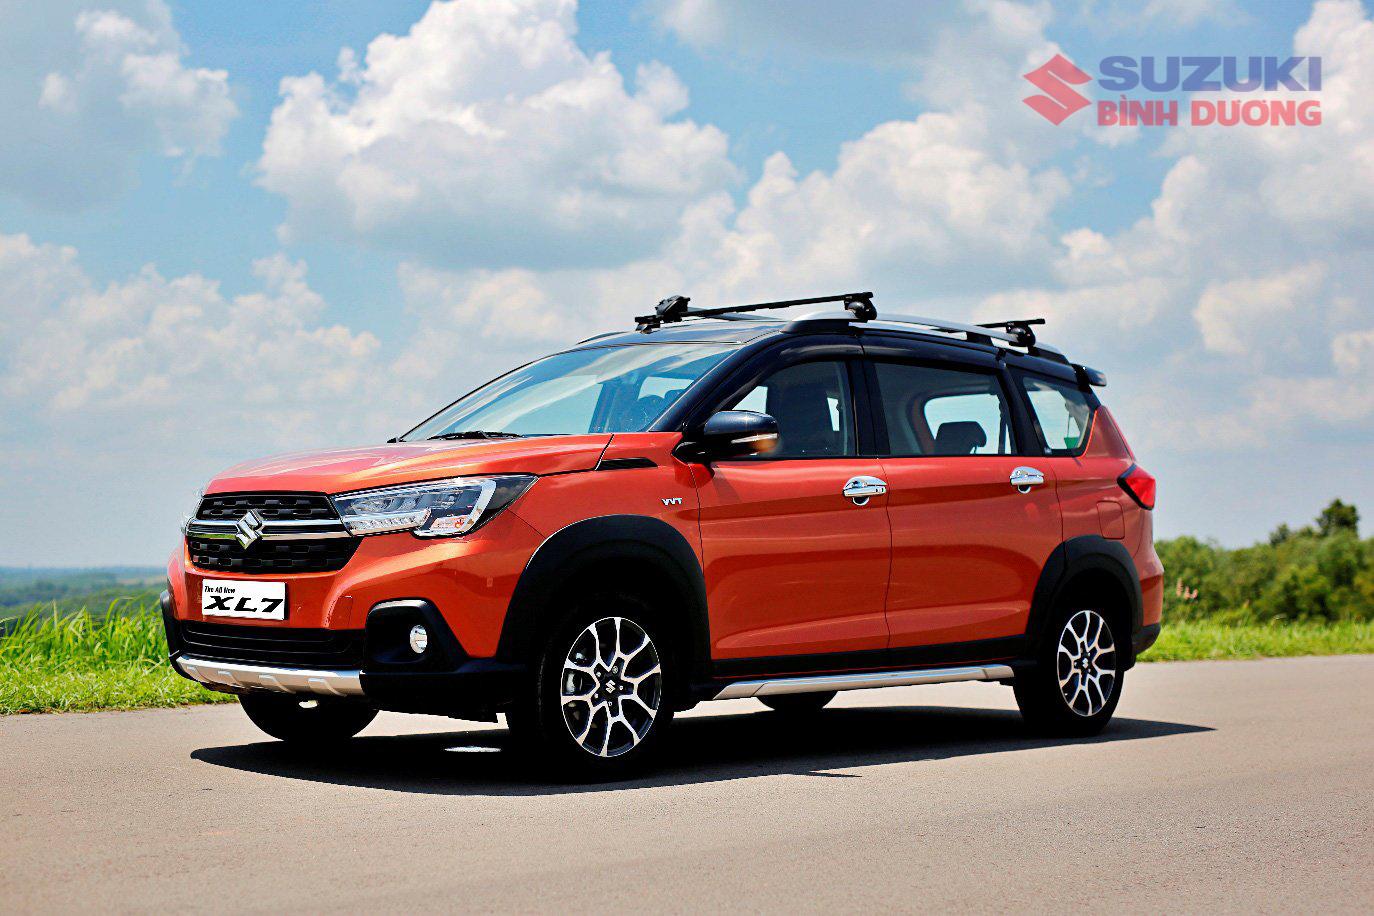 dung tích bình xăng Car: /m/0k4j  Suzuki: /m/02ws0w